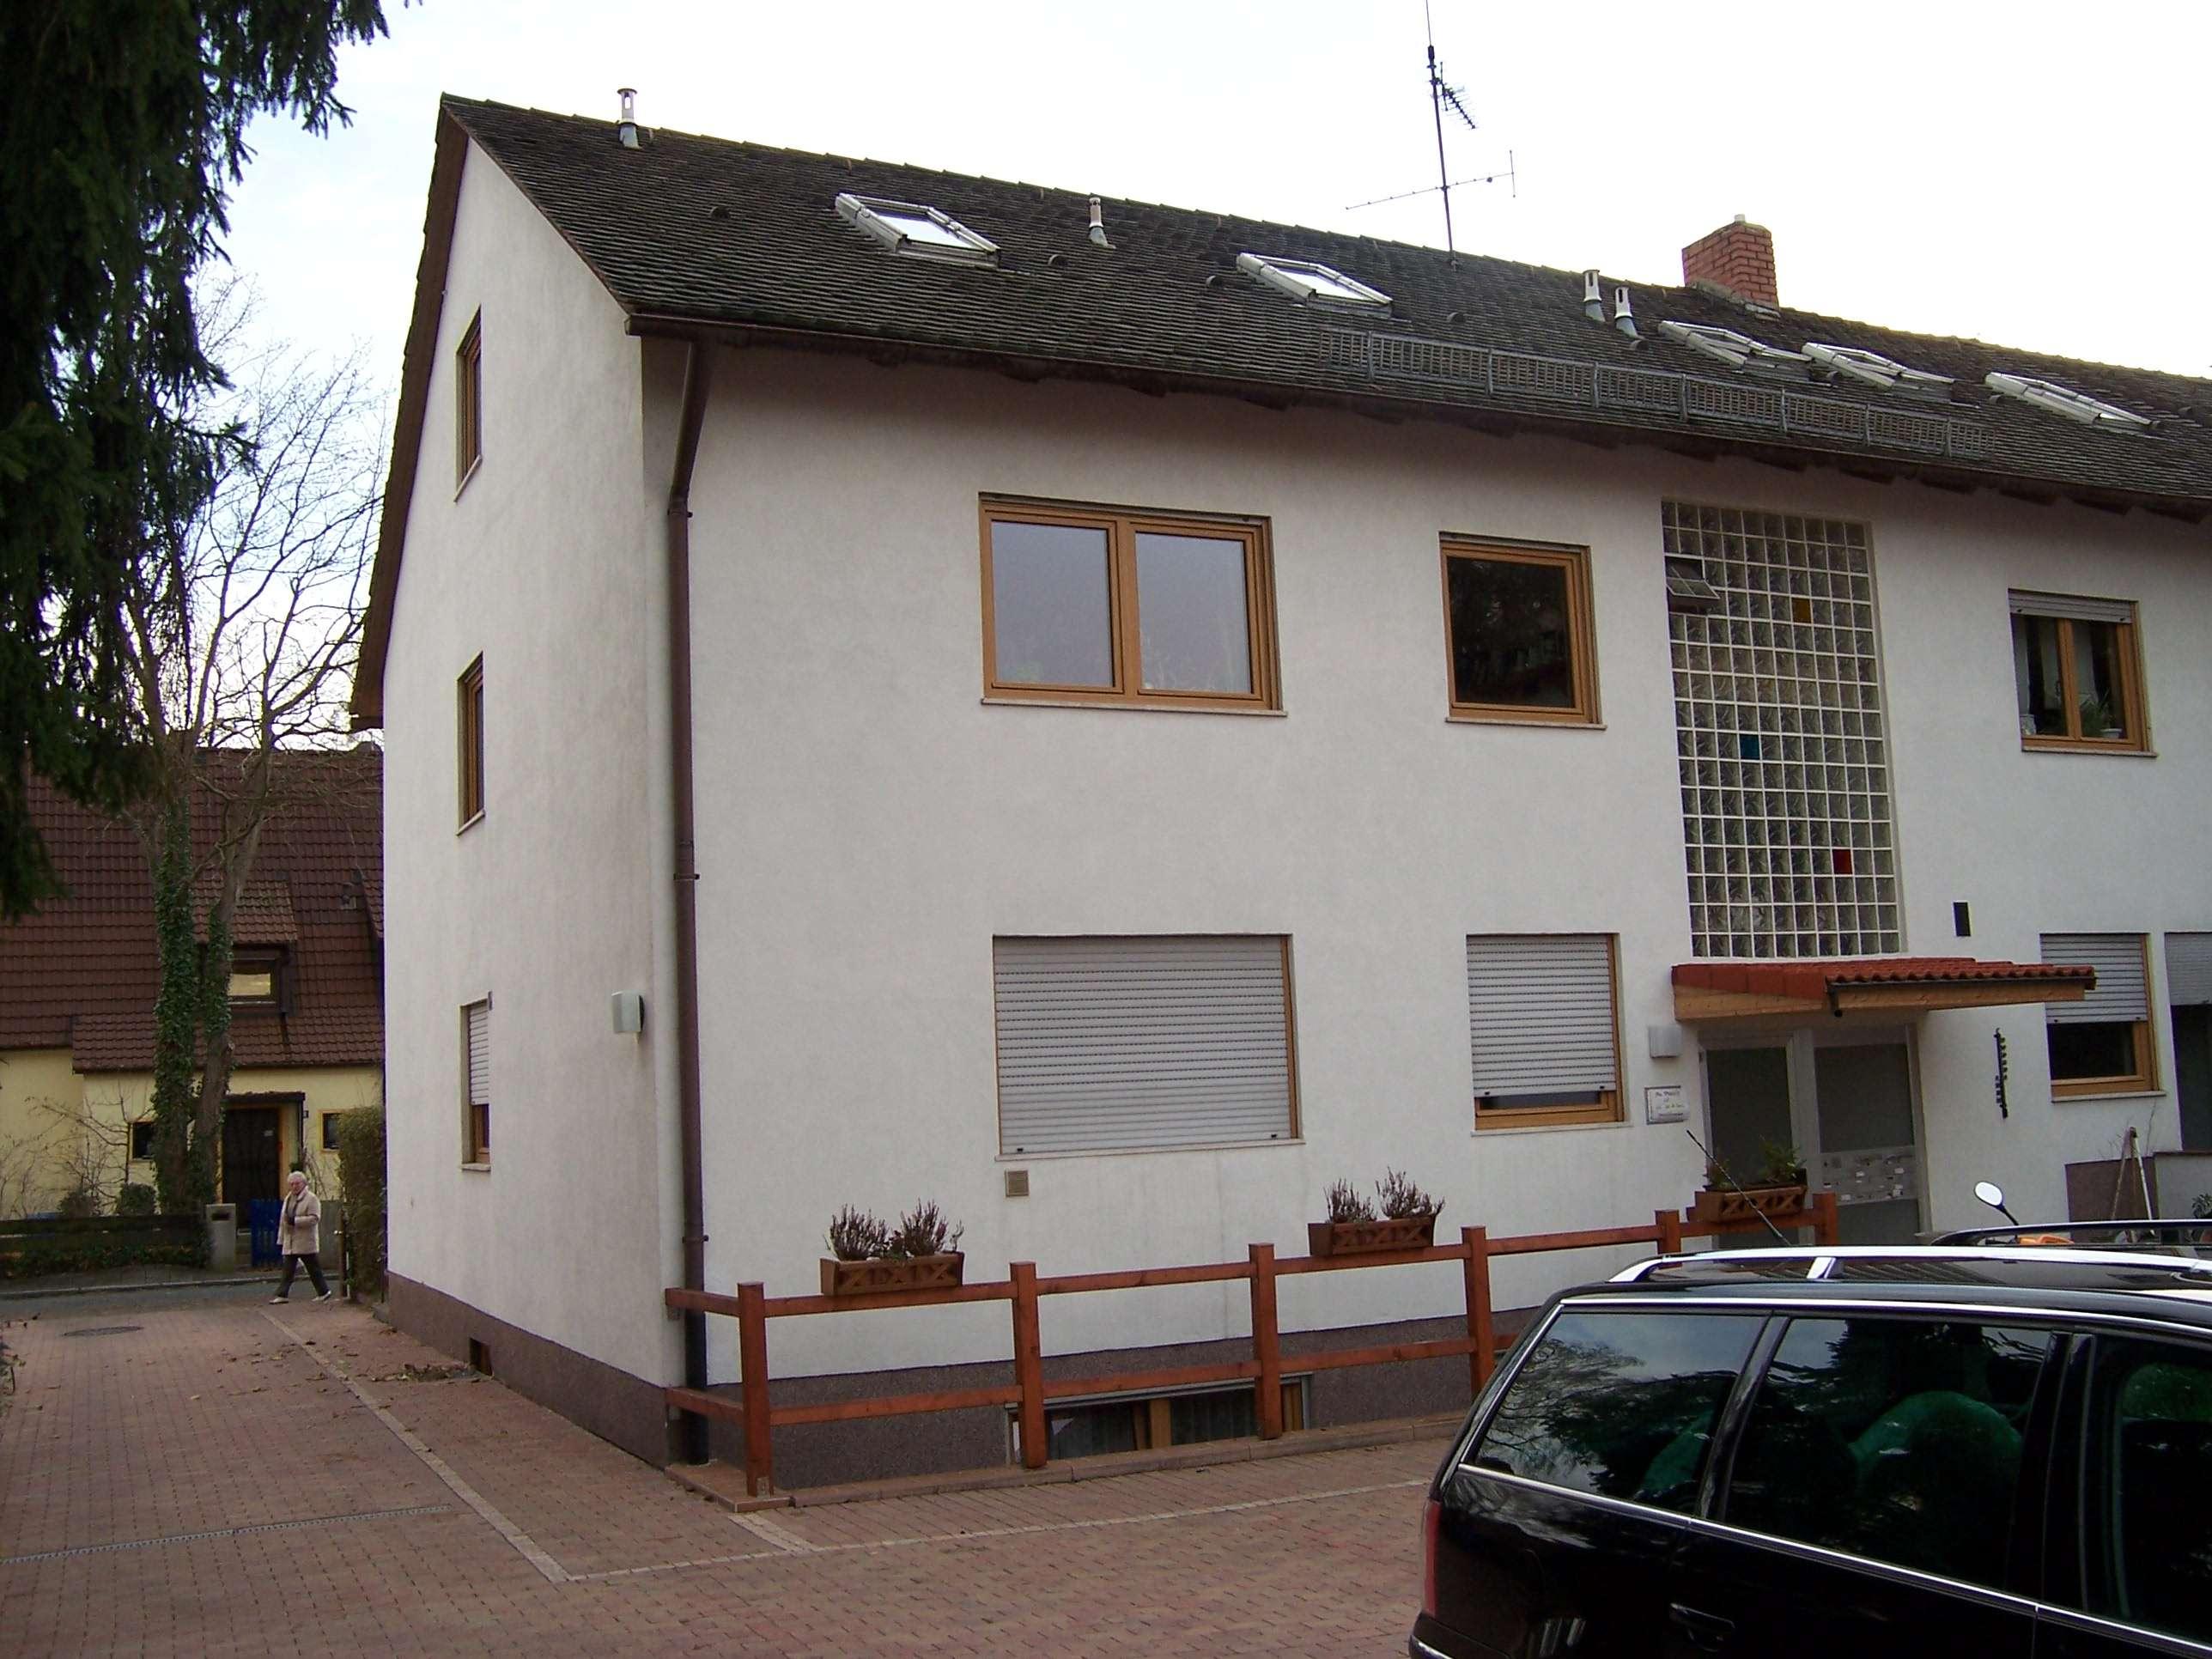 Topsanierte 3 Zimmer Wohnung in Nürnberg Gartenstadt auf 62 m² mit Bad neu uvm! in Trierer Straße (Nürnberg)